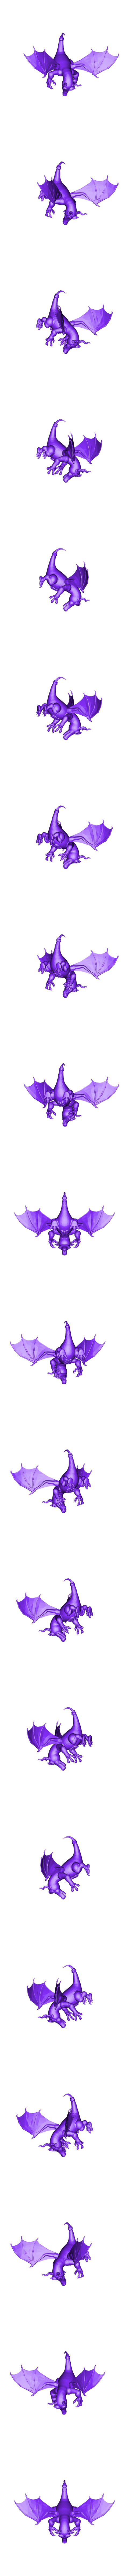 Dragonio.stl Télécharger fichier STL gratuit Dragonio - The Little Big Dragon • Objet pour impression 3D, StilTeg